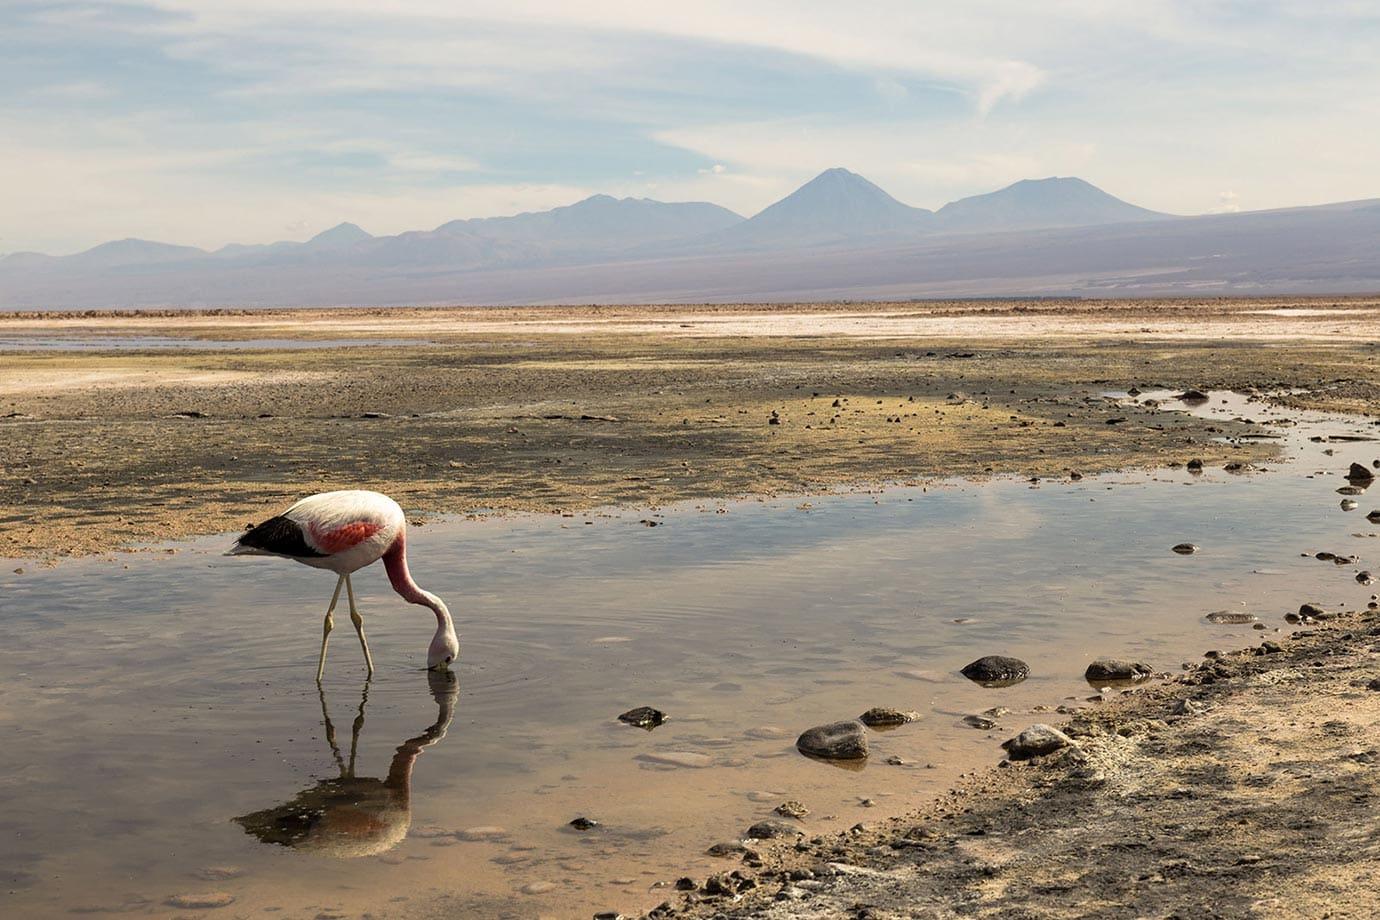 Mirror reflection of pink flamingo at Chaxa Lagoon, Chile